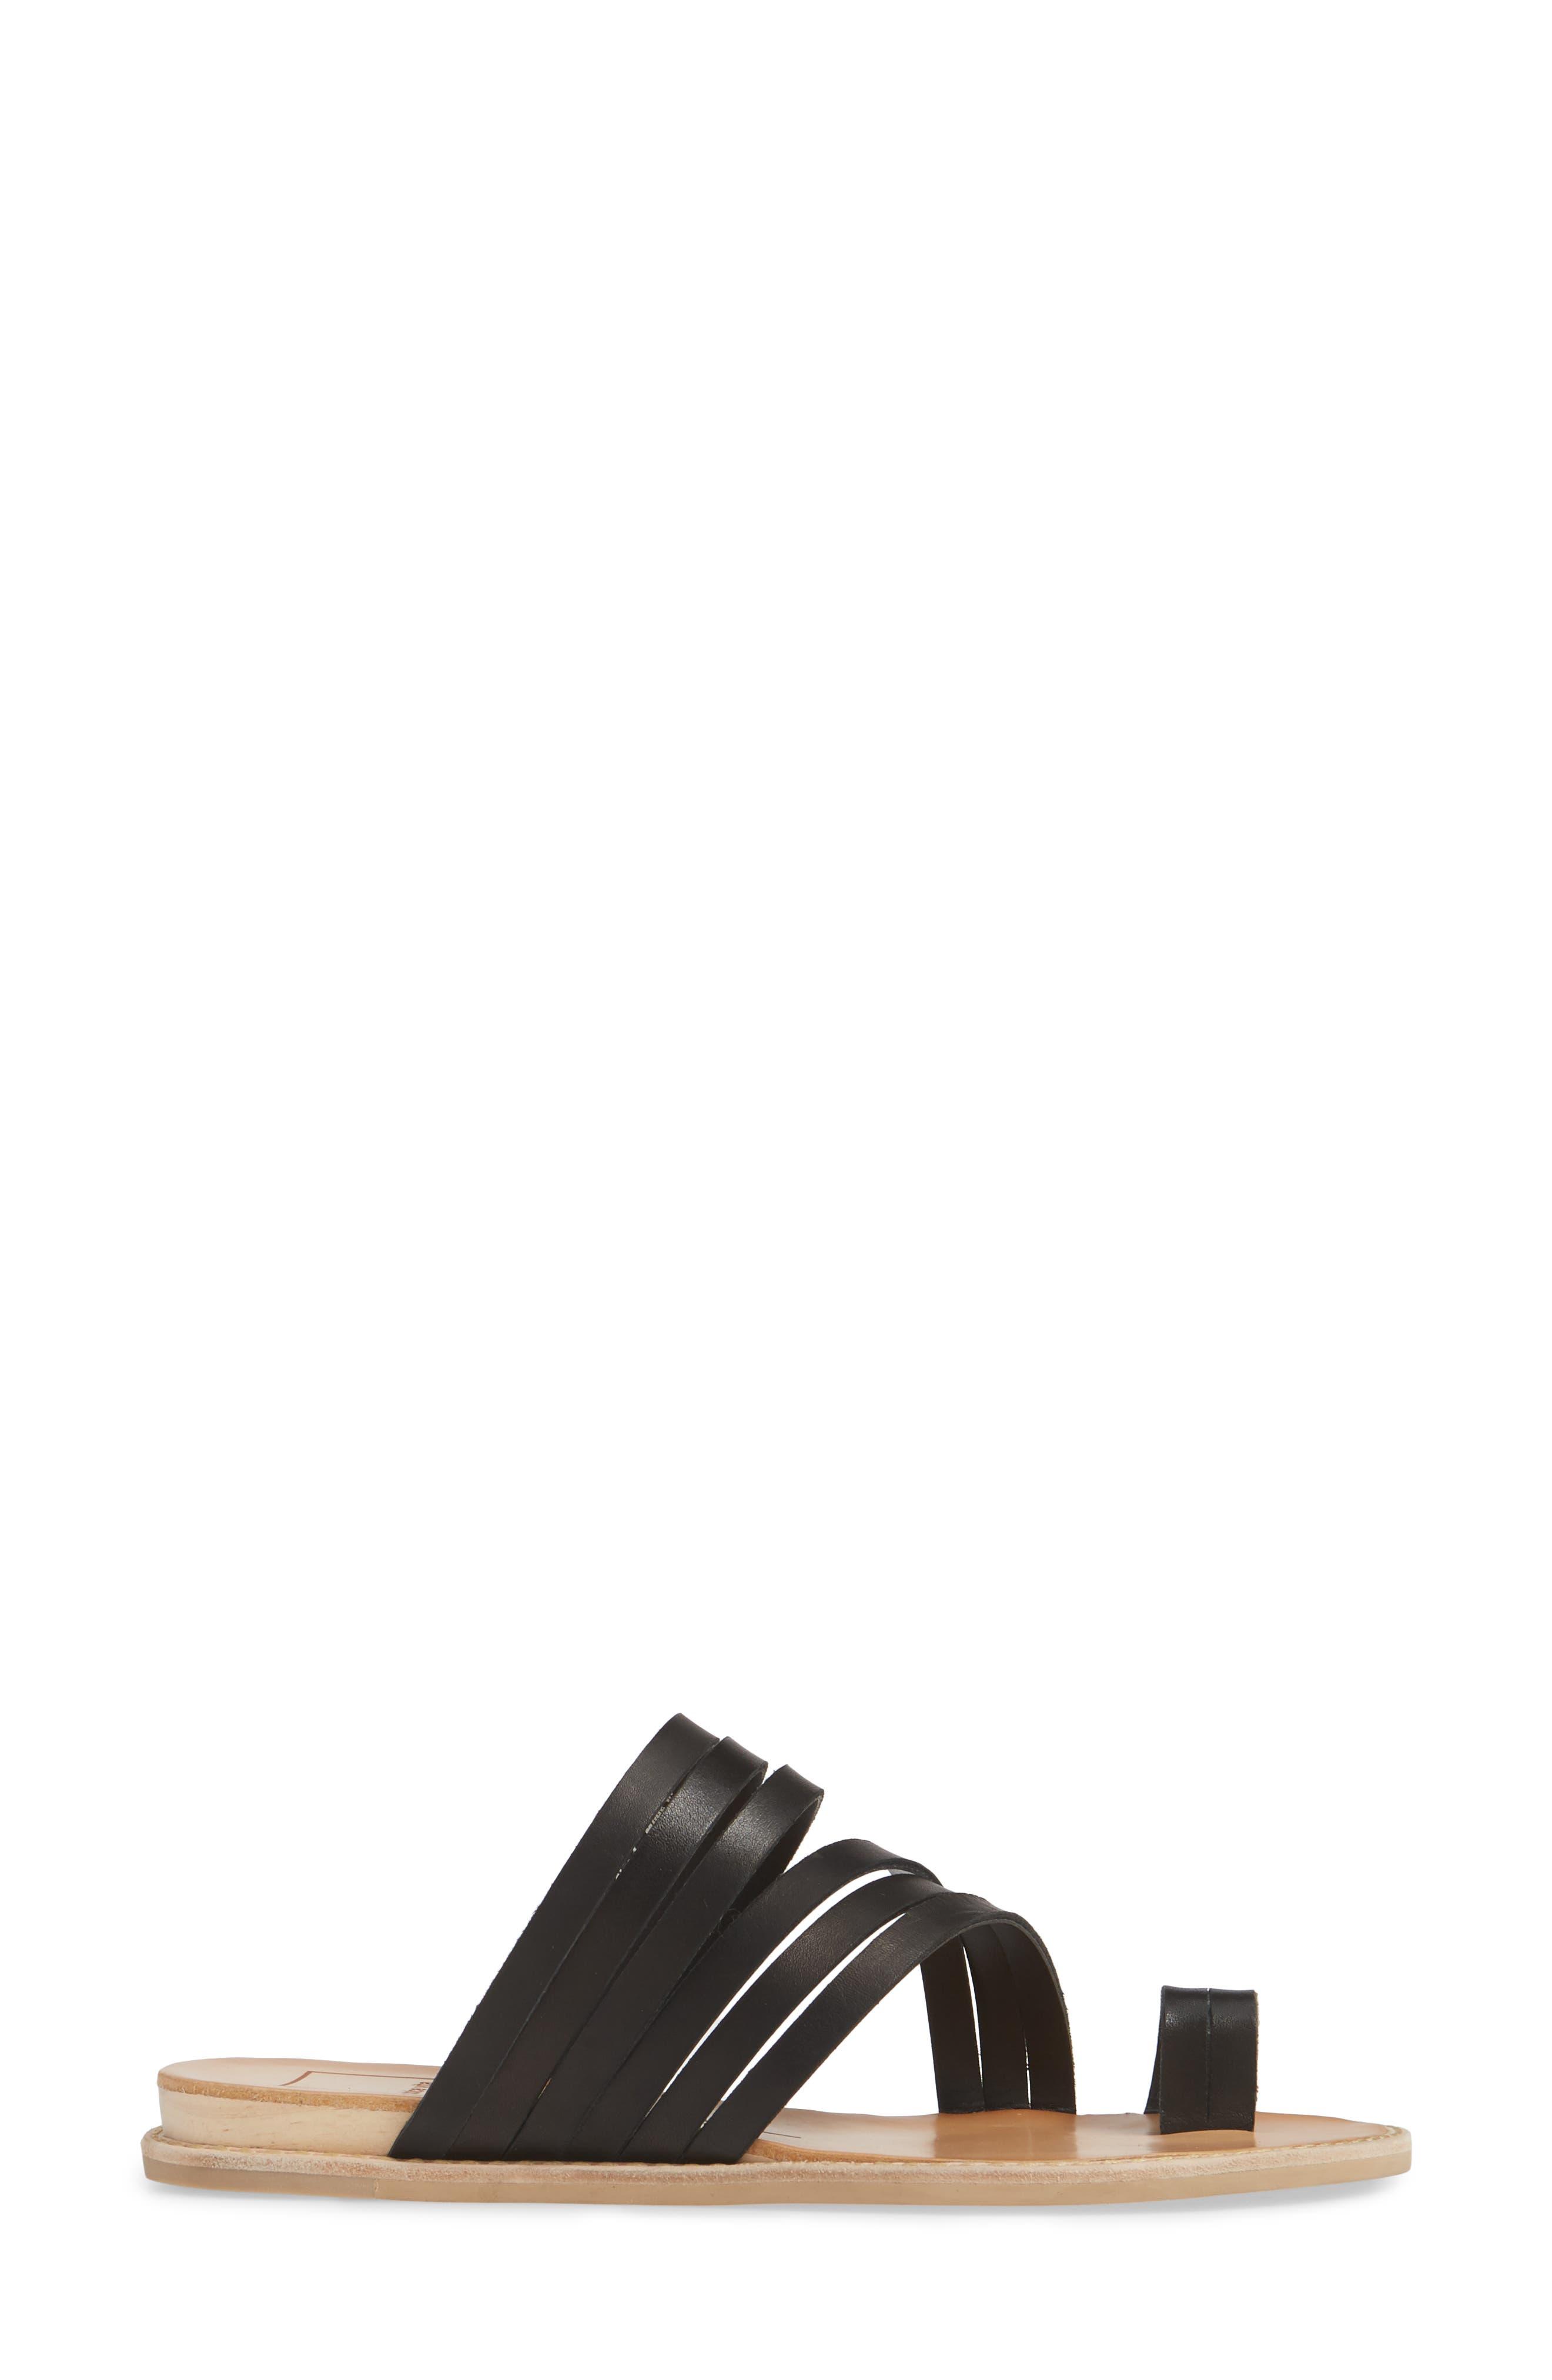 DOLCE VITA, Nelly Slide Sandal, Alternate thumbnail 3, color, BLACK LEATHER